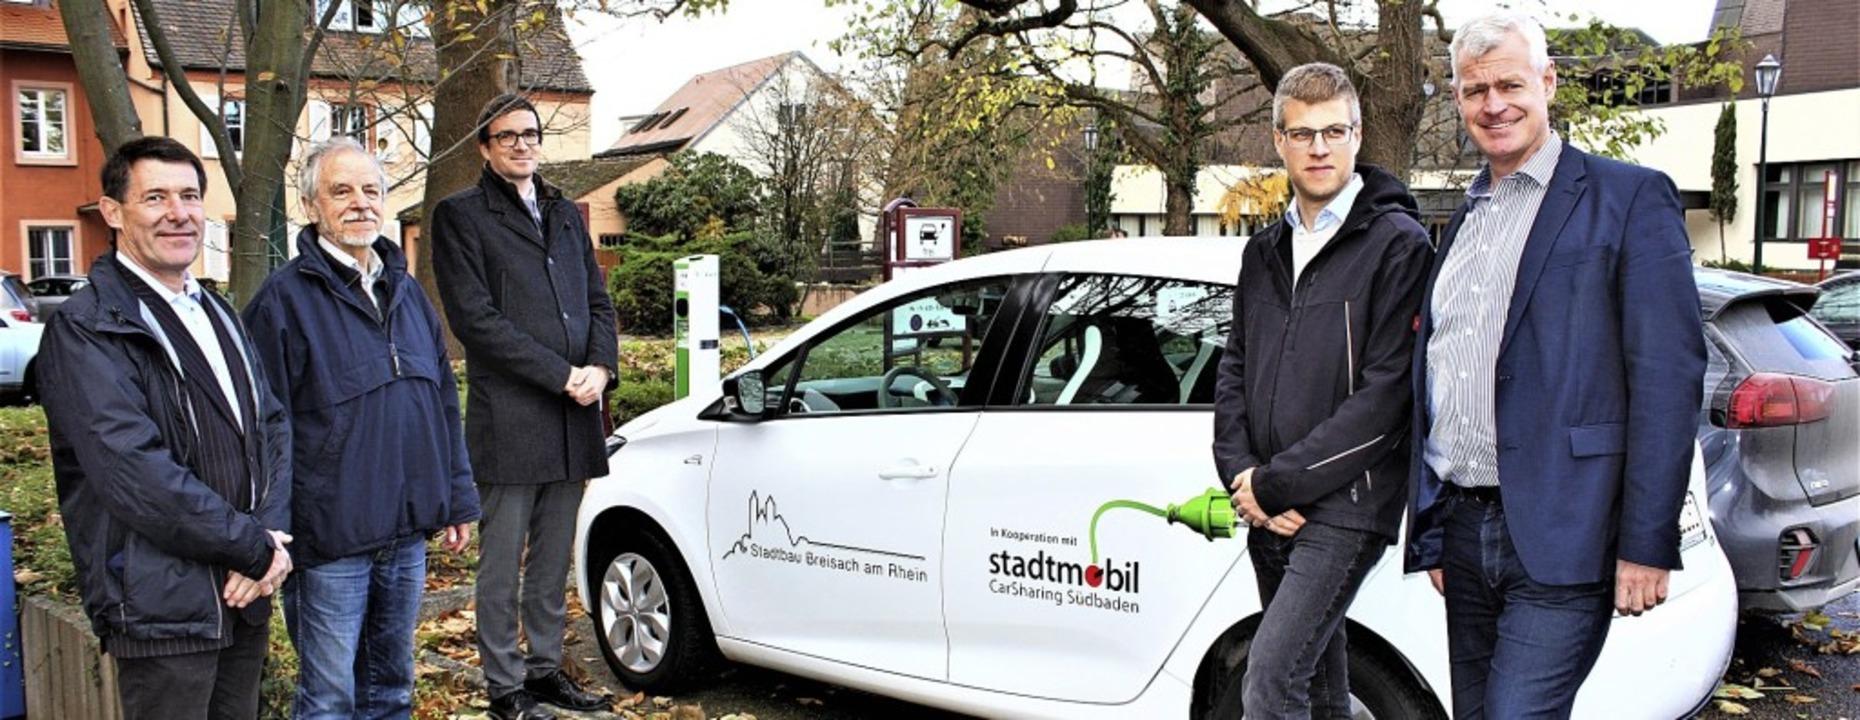 Christoph Mersinger und Gerd Müller vo...ber das gemeinsame Mobilitätsprojekt.     Foto: Laetitia Barnick